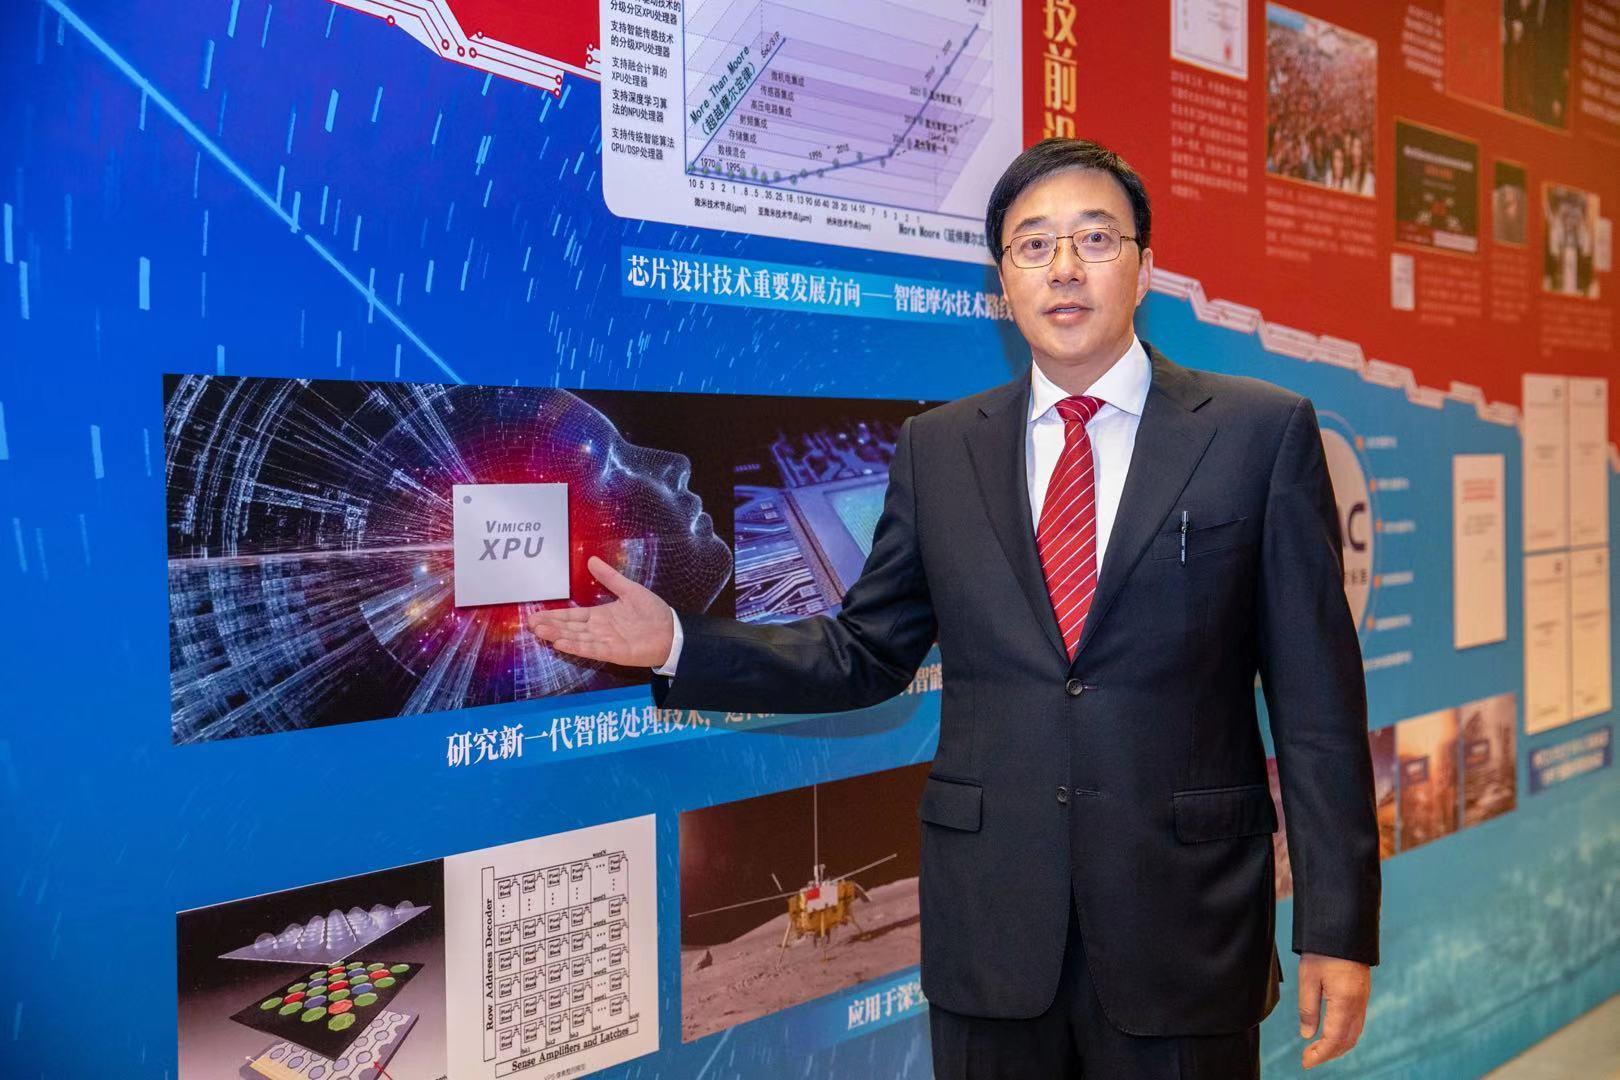 二十载自主创新星光梦 新时代中国芯片再启程-大数网